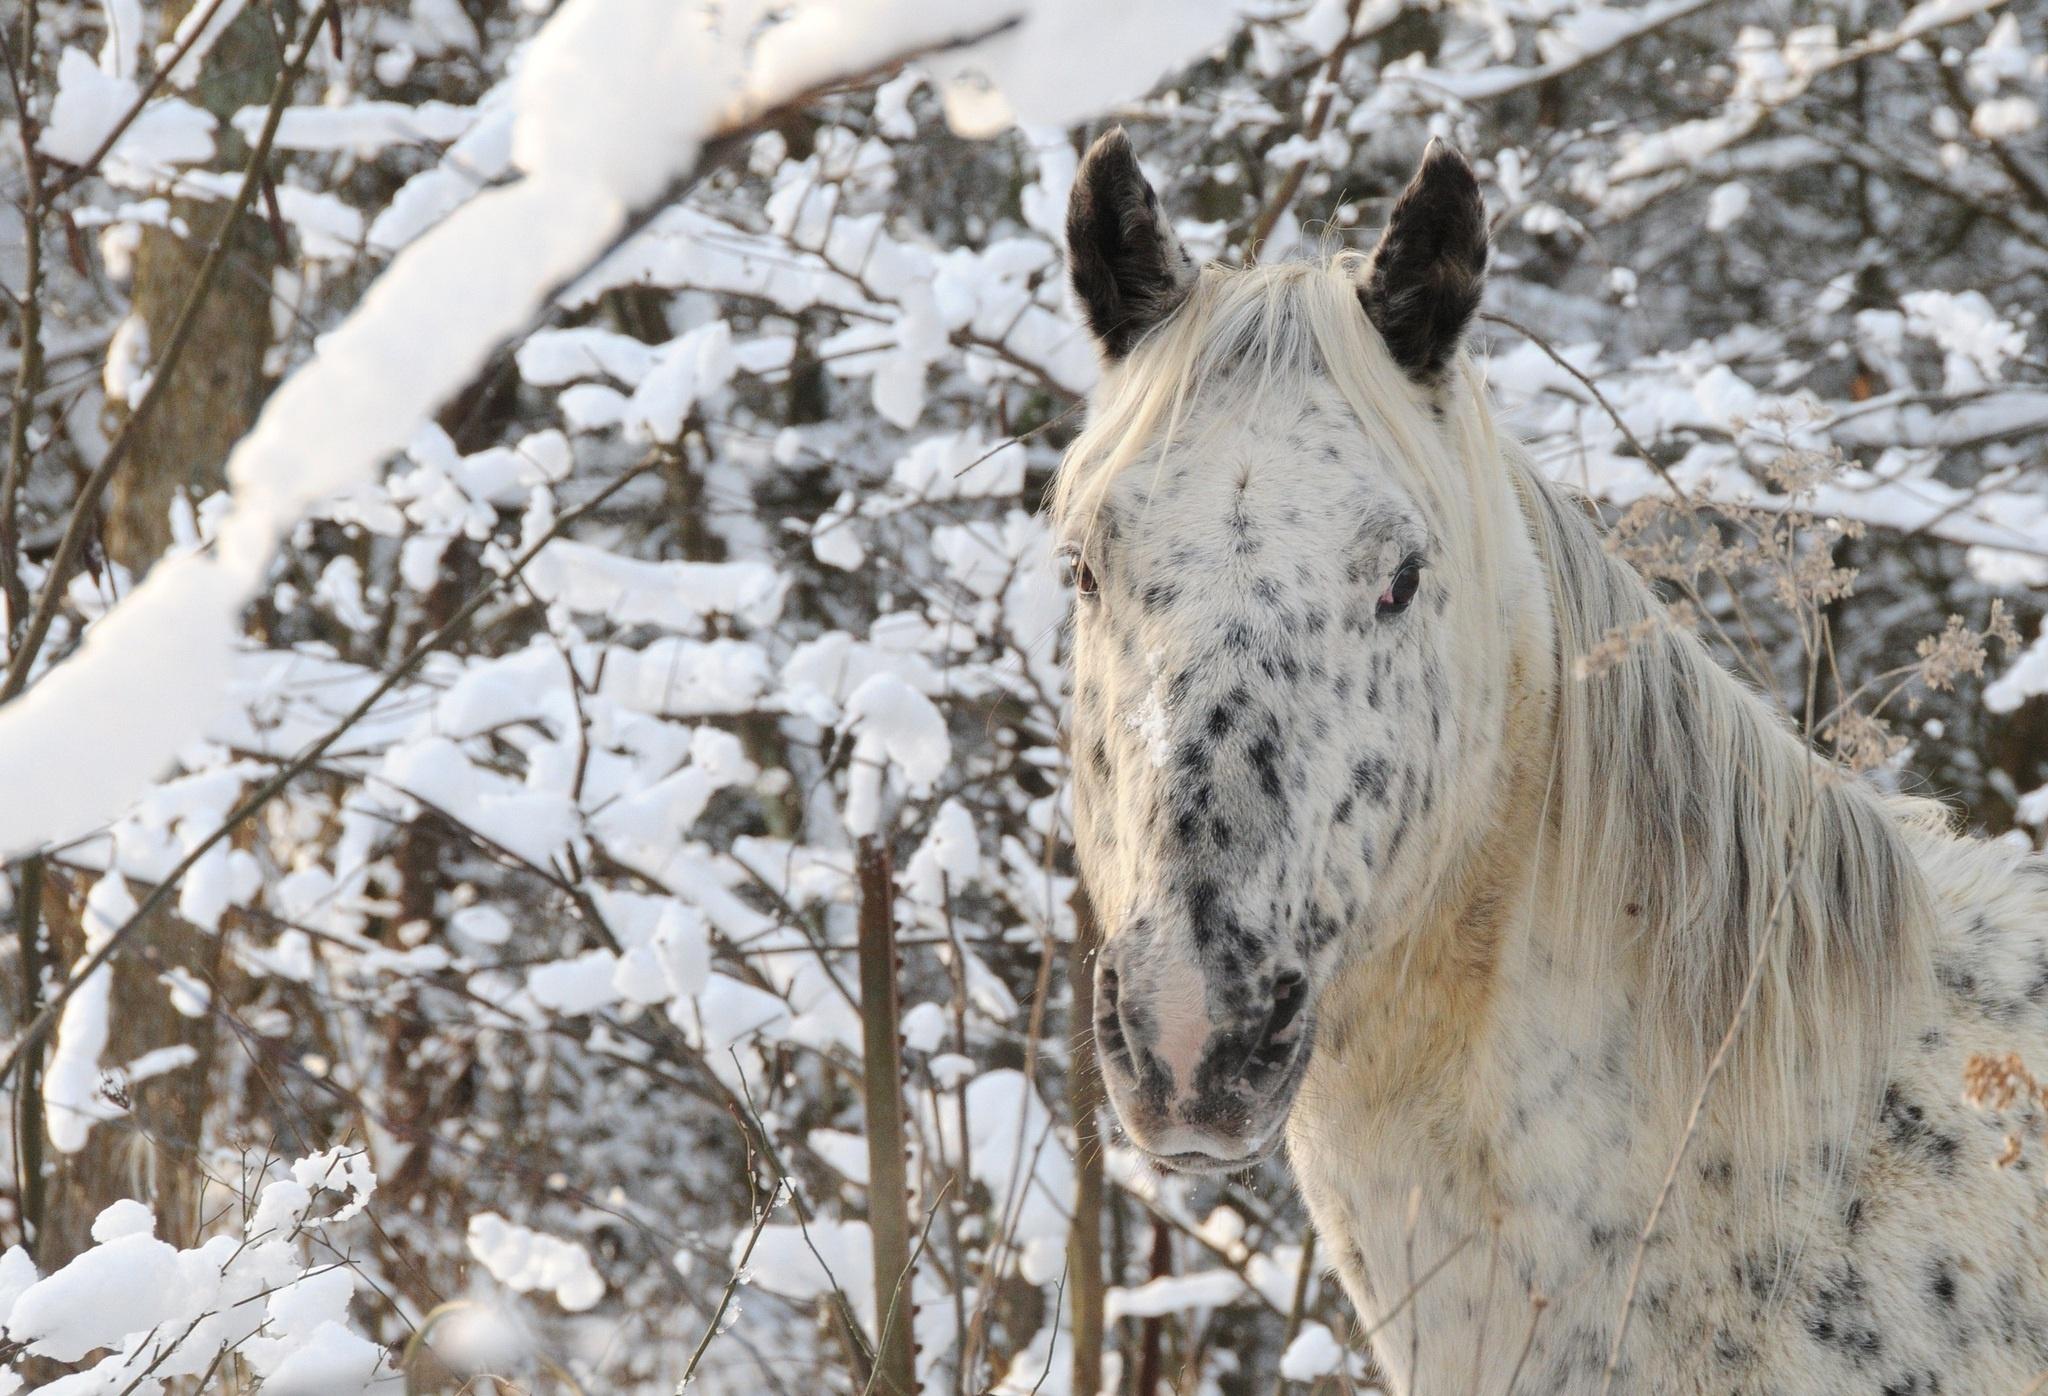 Horse head face winter wallpaper 2048x1396 169579 WallpaperUP 2048x1396